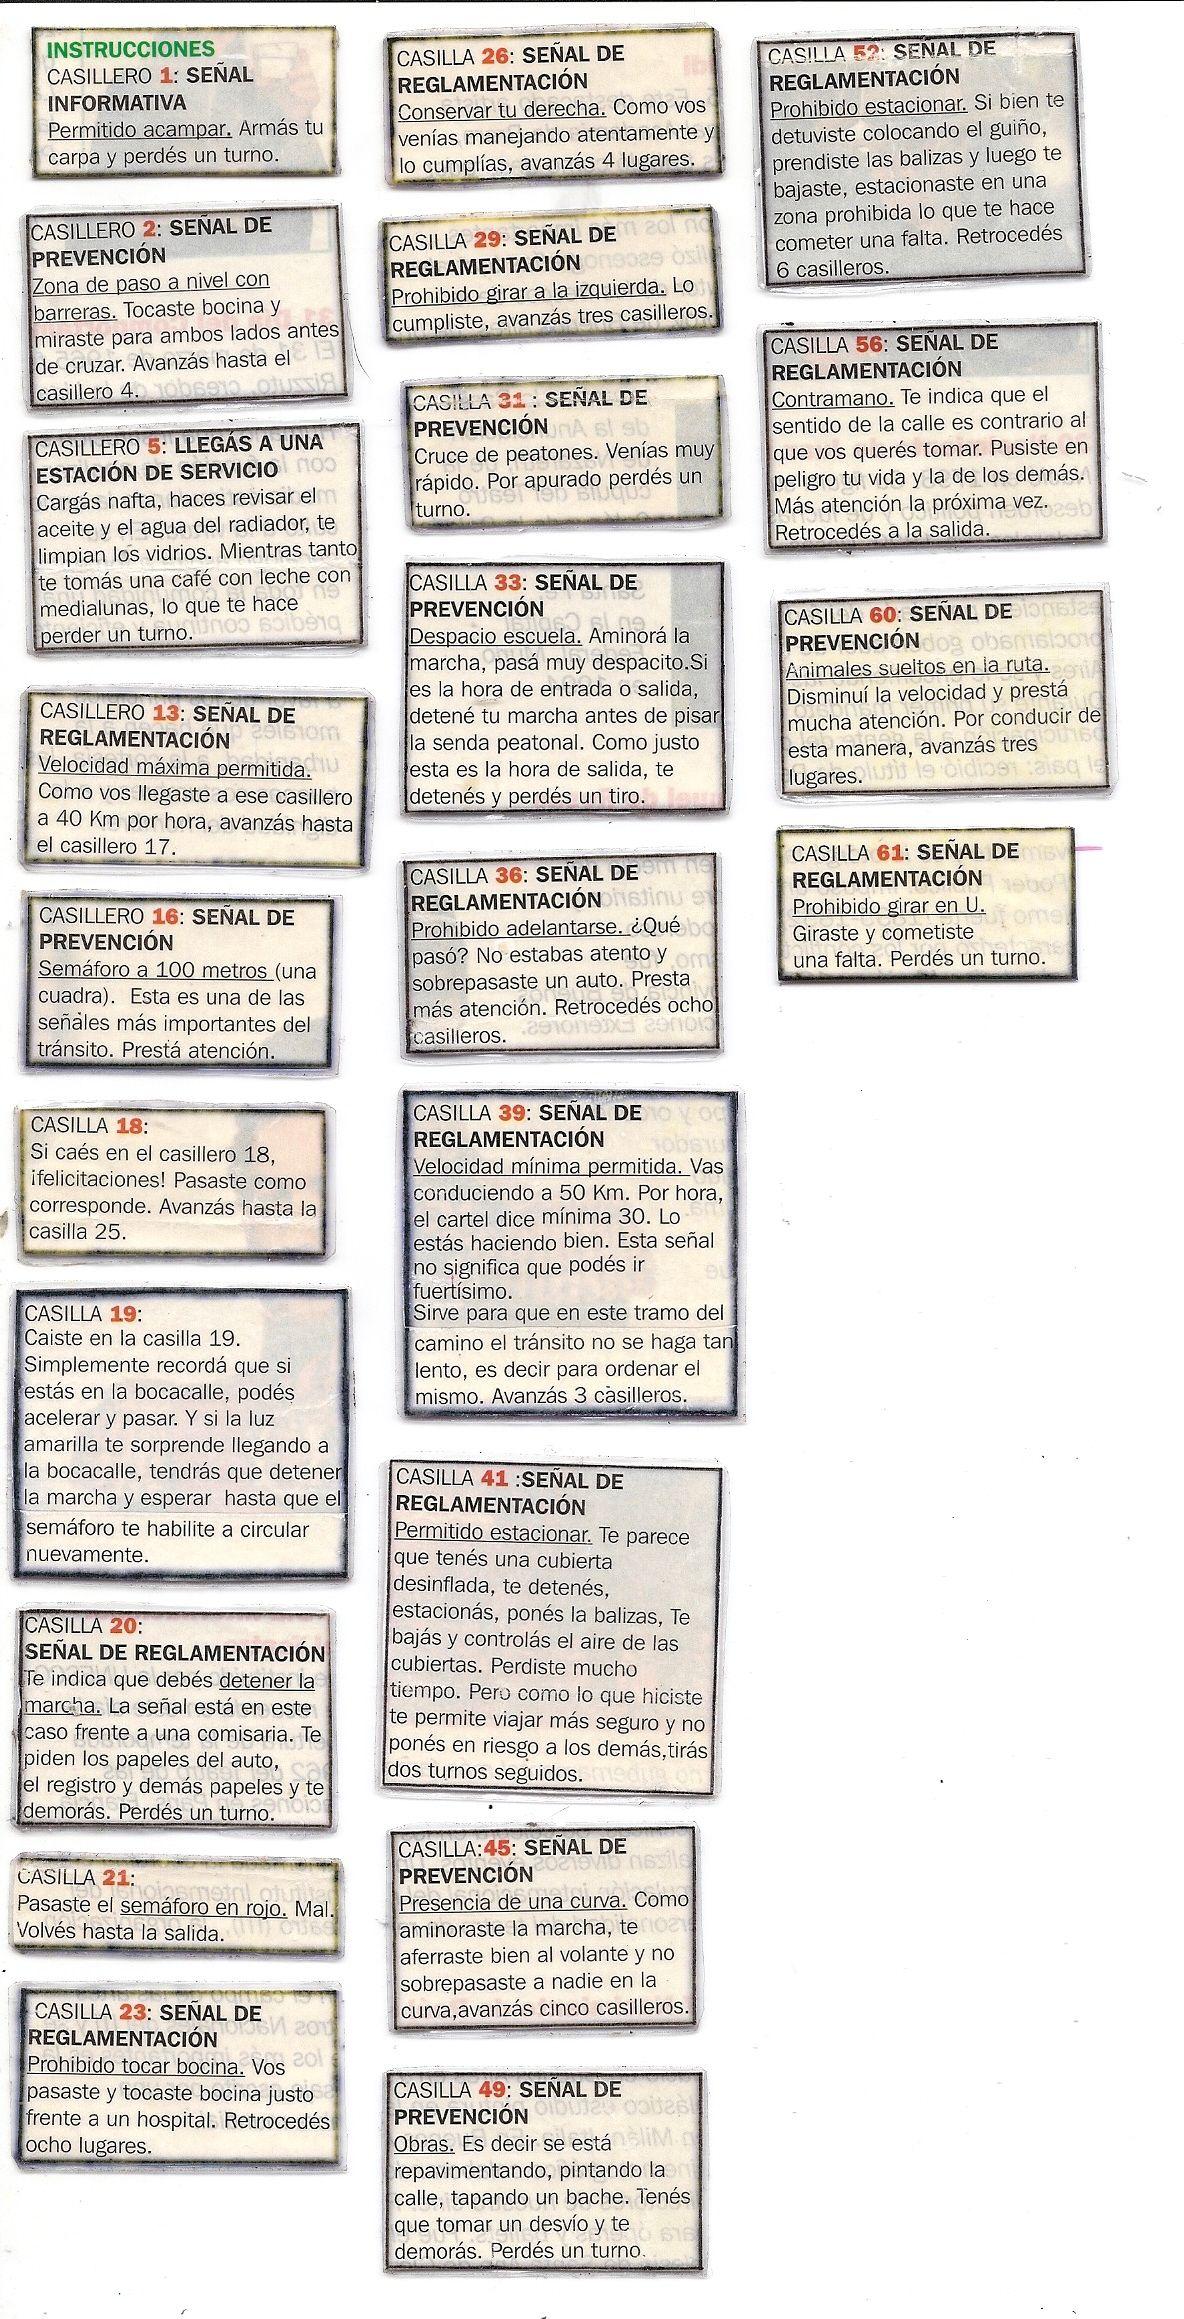 Juego De Mesa Para Imprimir Con Senales De Transito Juegos